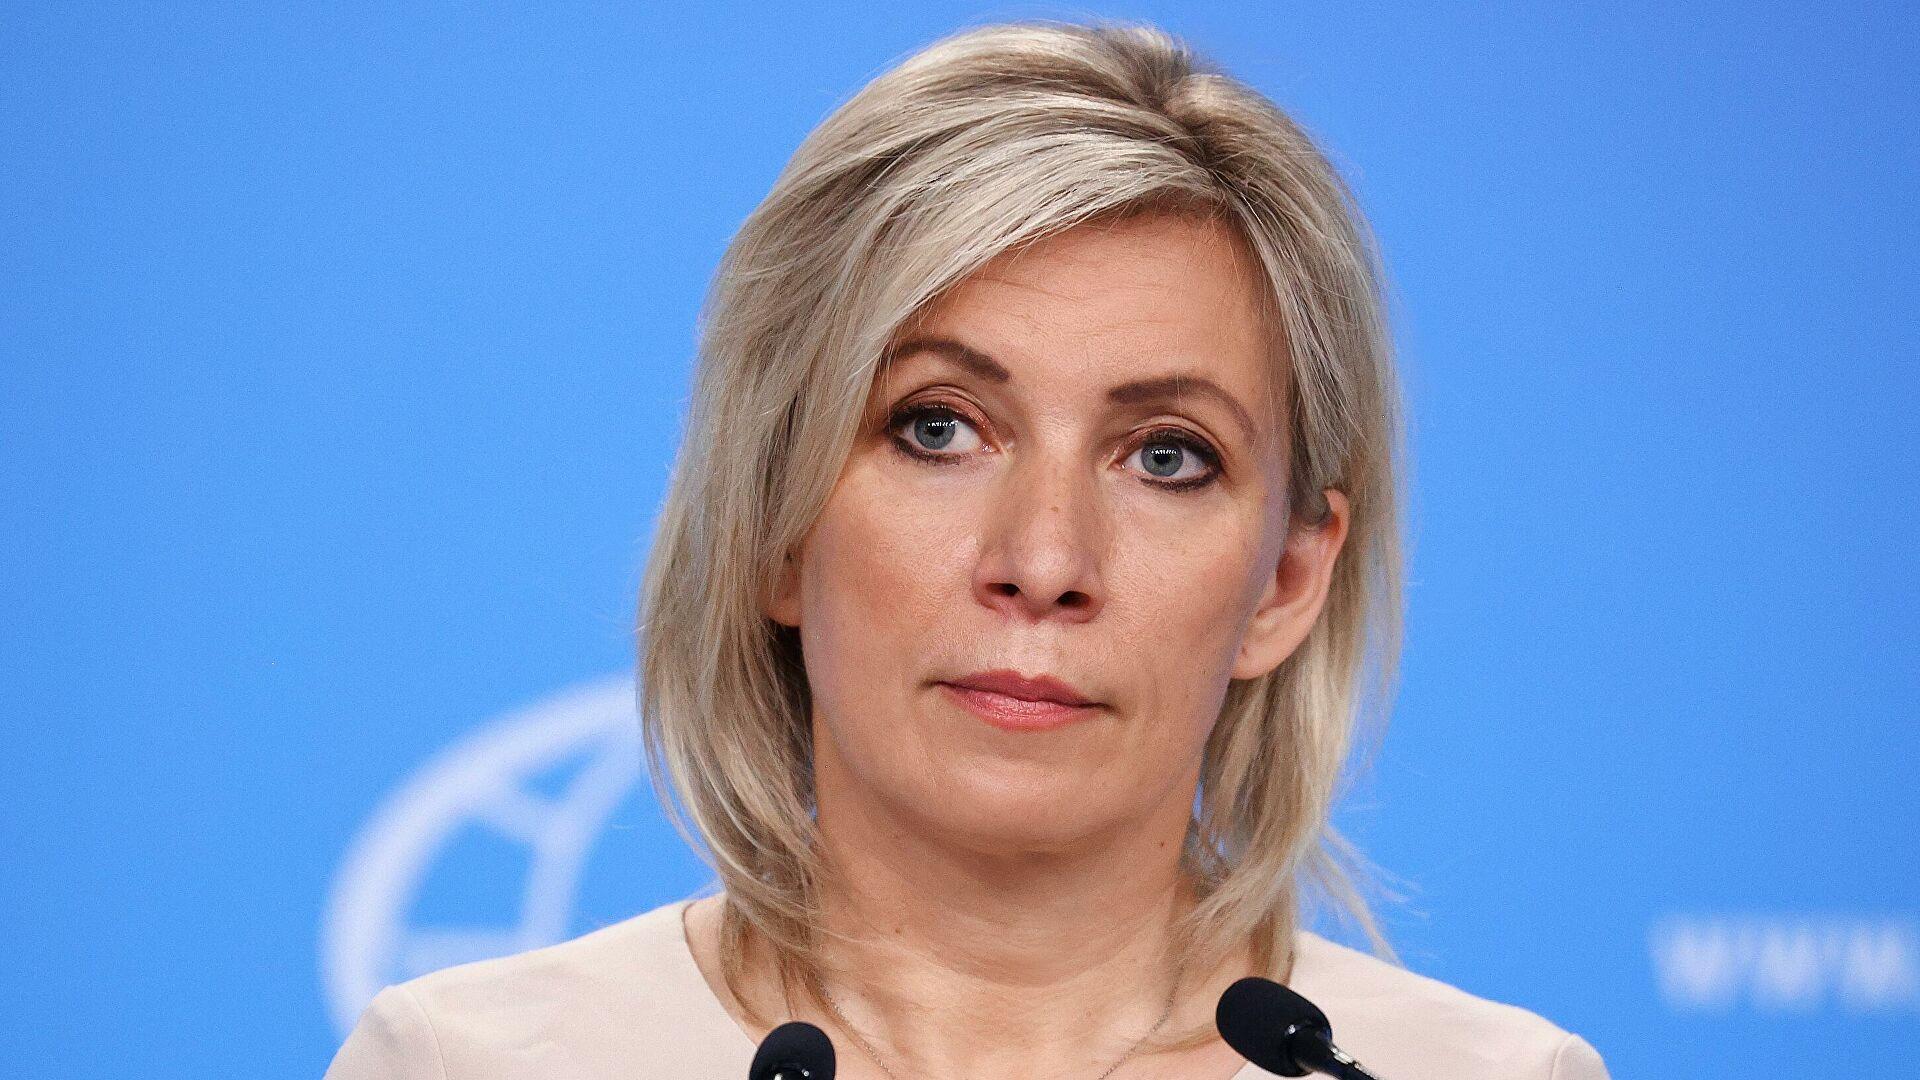 Захарова: НАТО жели бесконачну дестабилизацију дуж руске границе